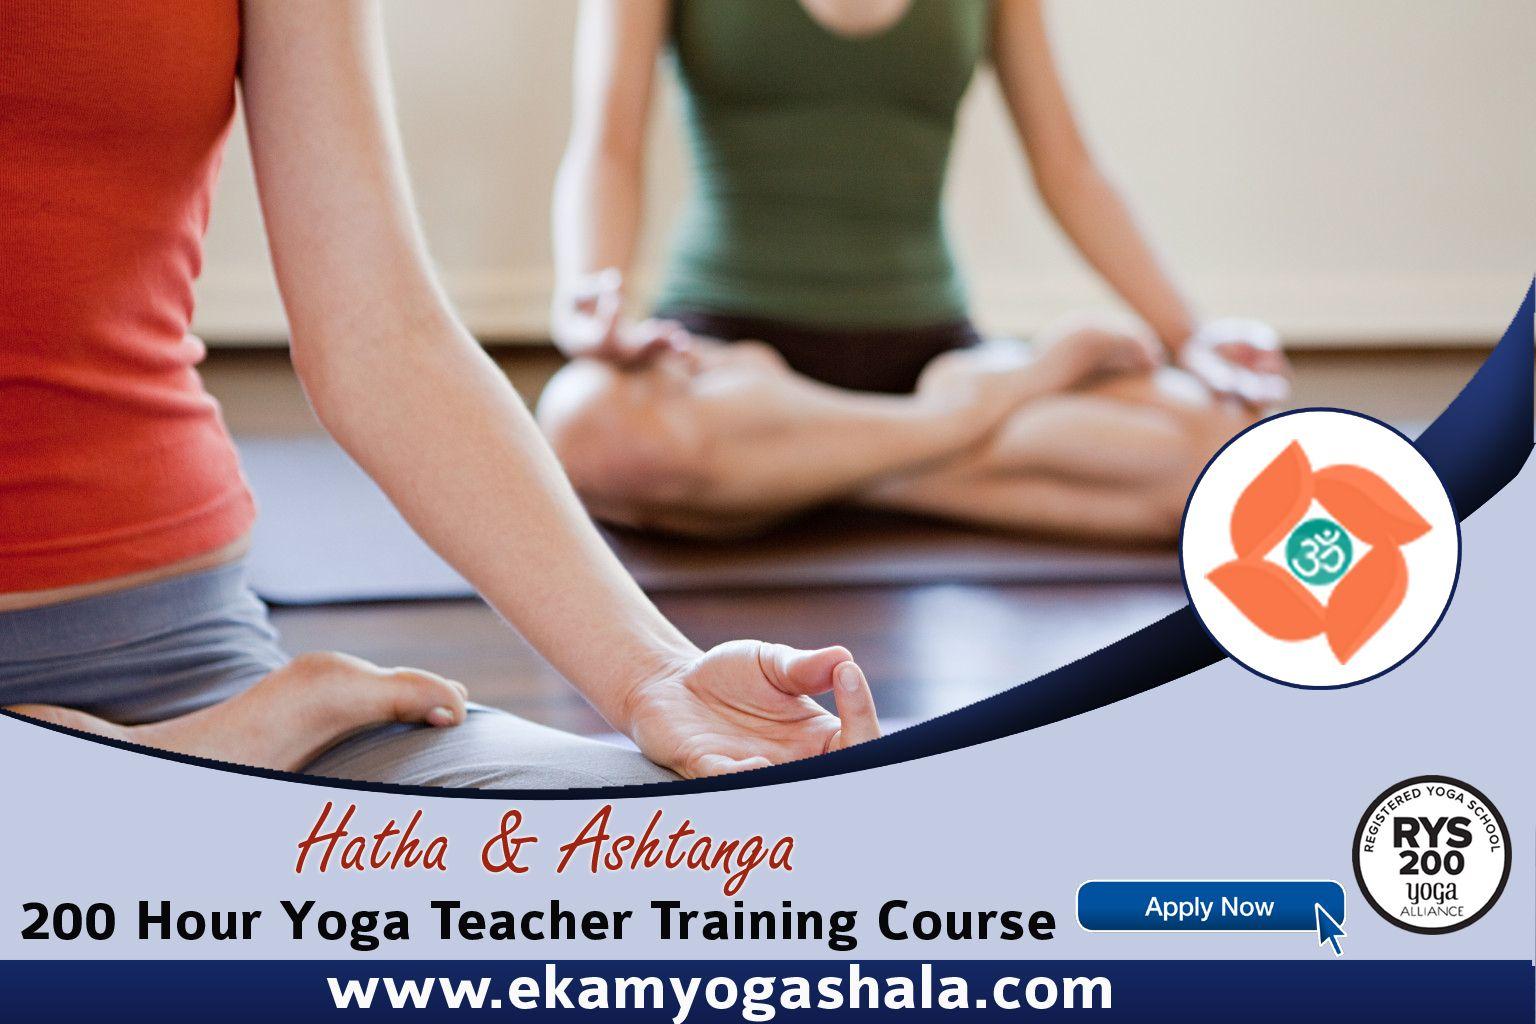 200 Hour Yoga Teacher Training India Yoga Teacher Training Yoga Teacher Training Rishikesh Yoga Teacher Training Course